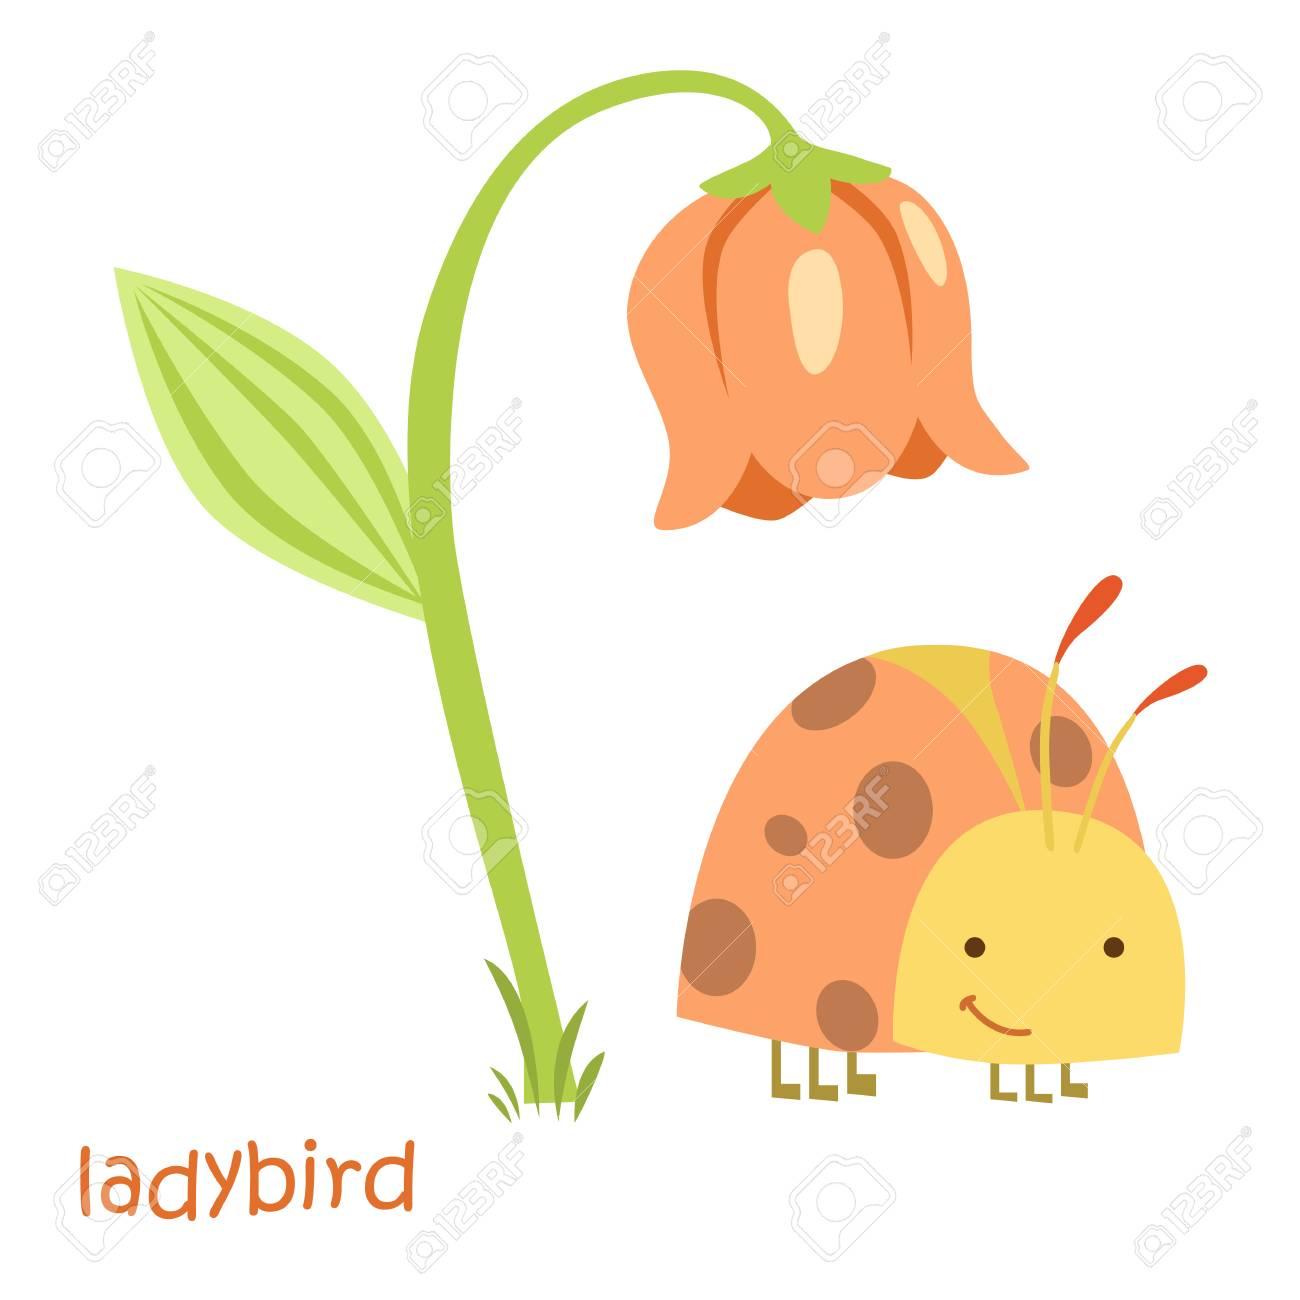 1300x1300 Ladybug Isolated. Drawing Ladybug For A Child Royalty Free